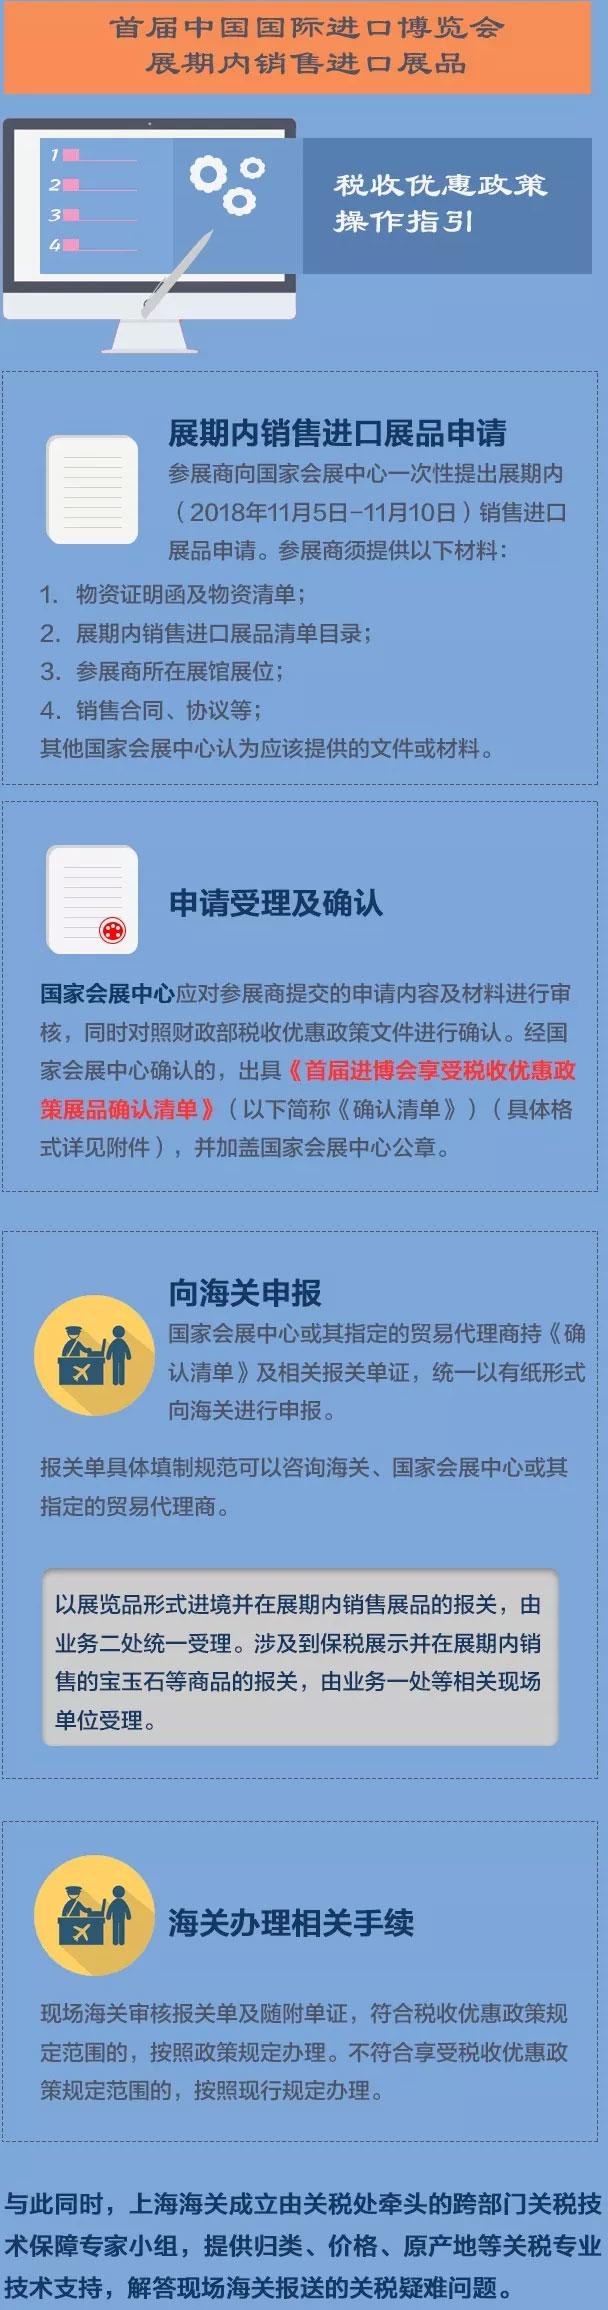 进口博览会展期内销售的进口展品税收优惠申请资料